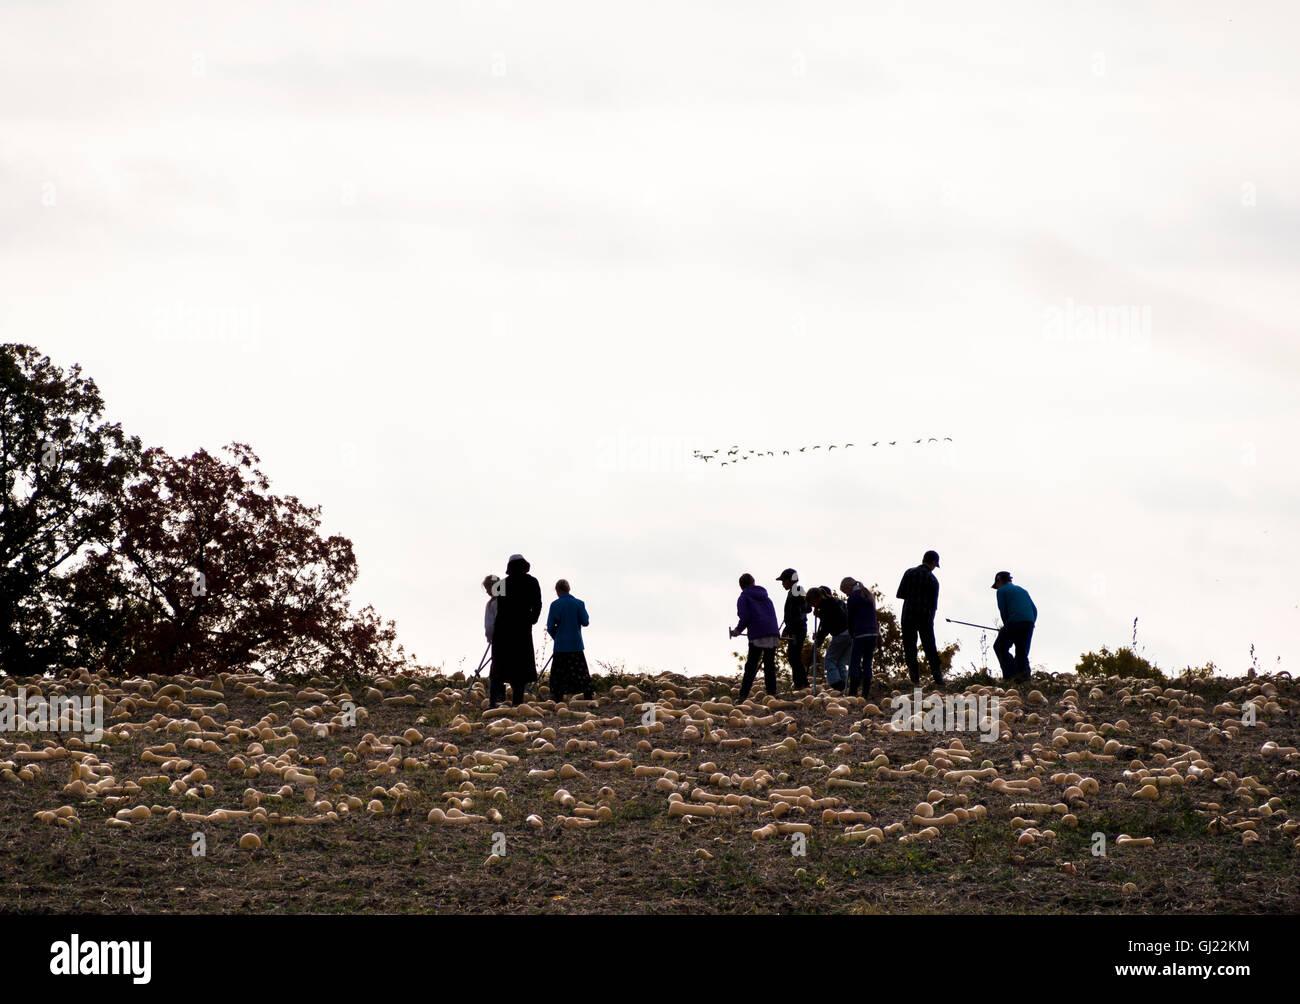 Recolección Calabacita. Un grupo de trabajadores calabacita de cosecha de un campo. Una pandilla de gansos Imagen De Stock